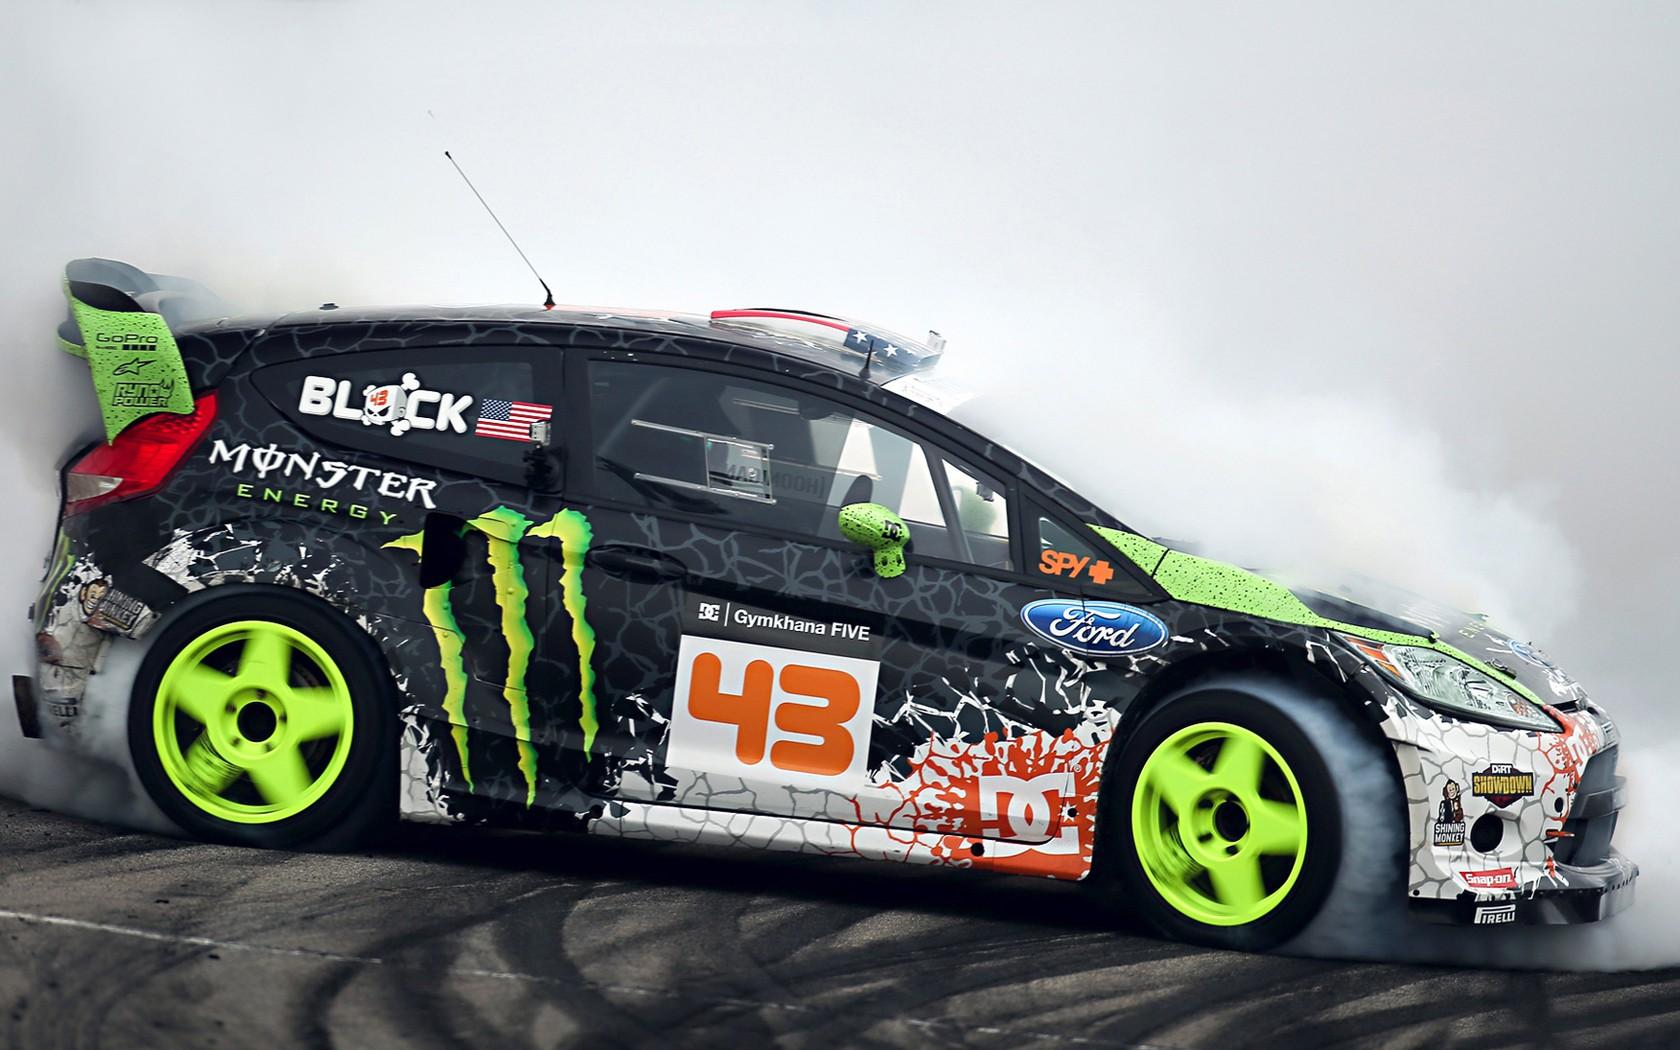 Monsters Ford Ken Block Ford Fiesta Monster Energy Drifting Drift